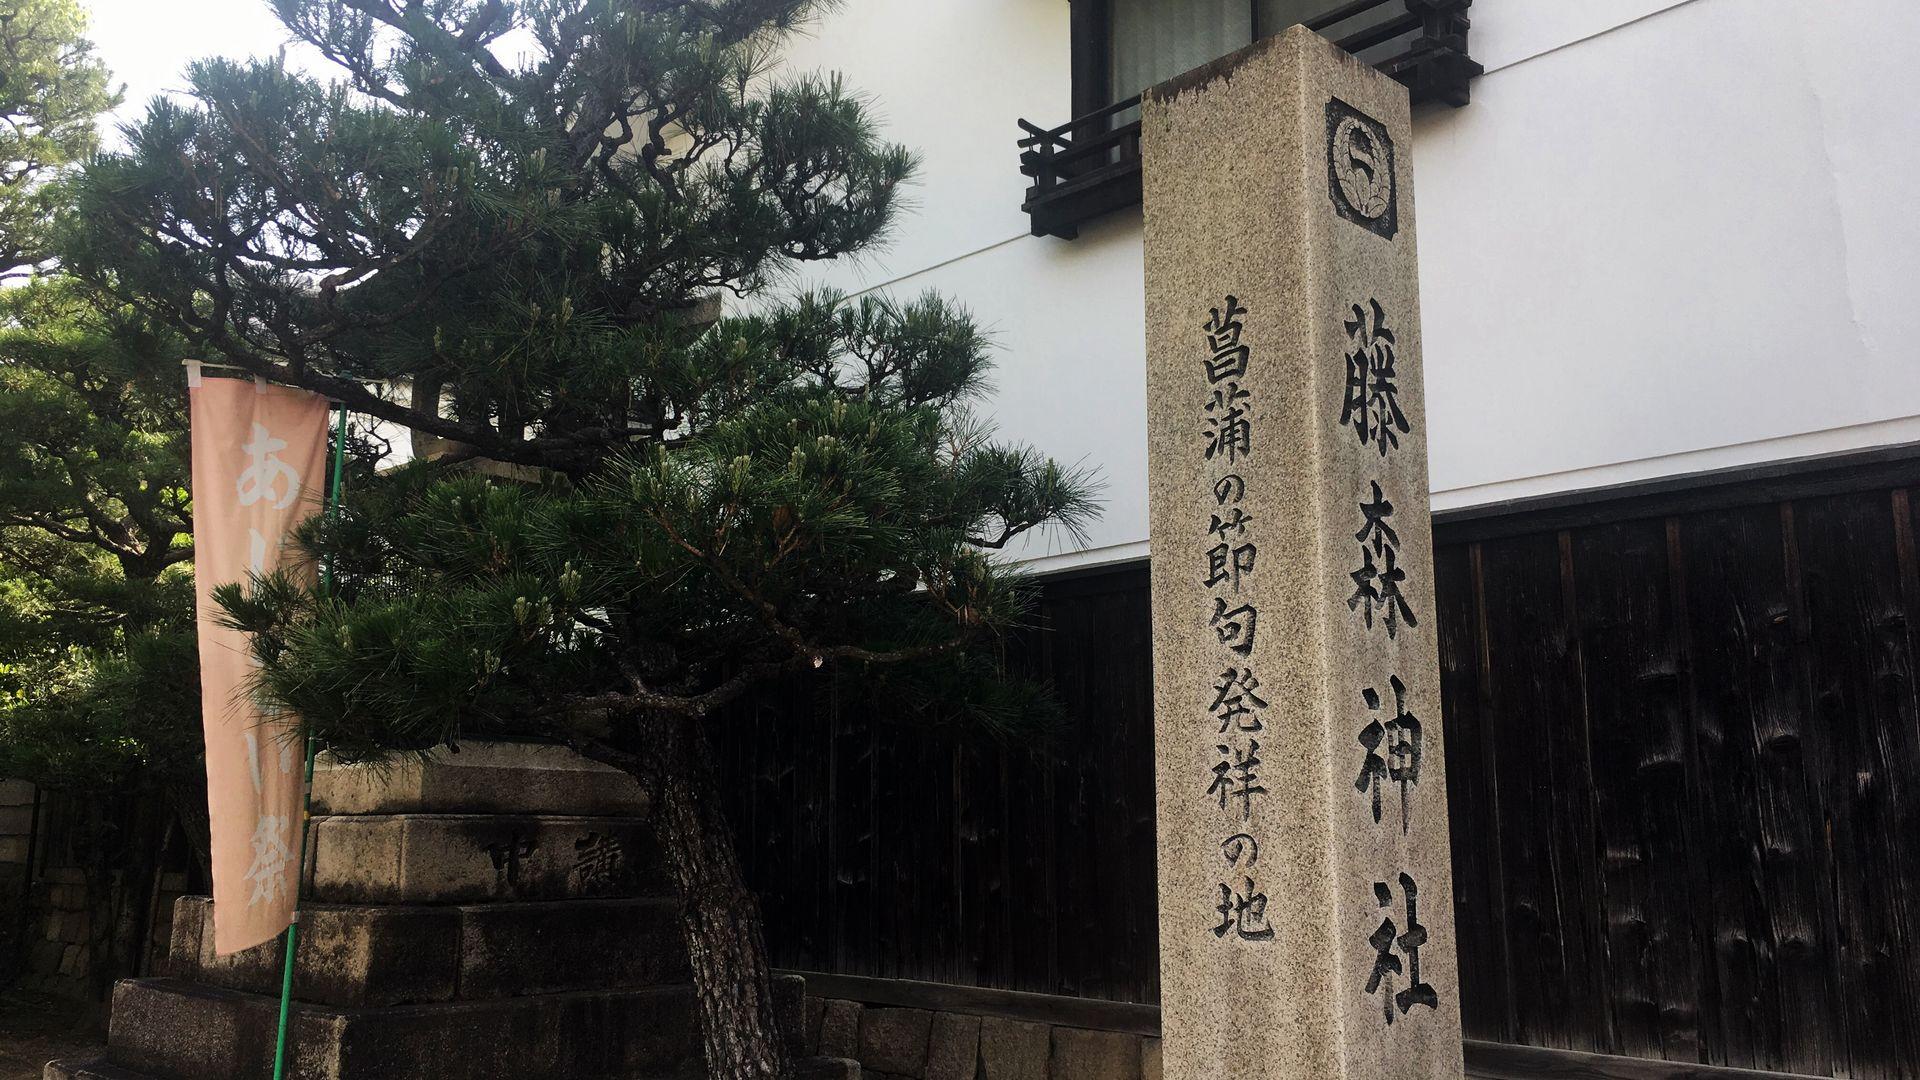 藤森神社-菖蒲の節句発祥の地を表す石碑